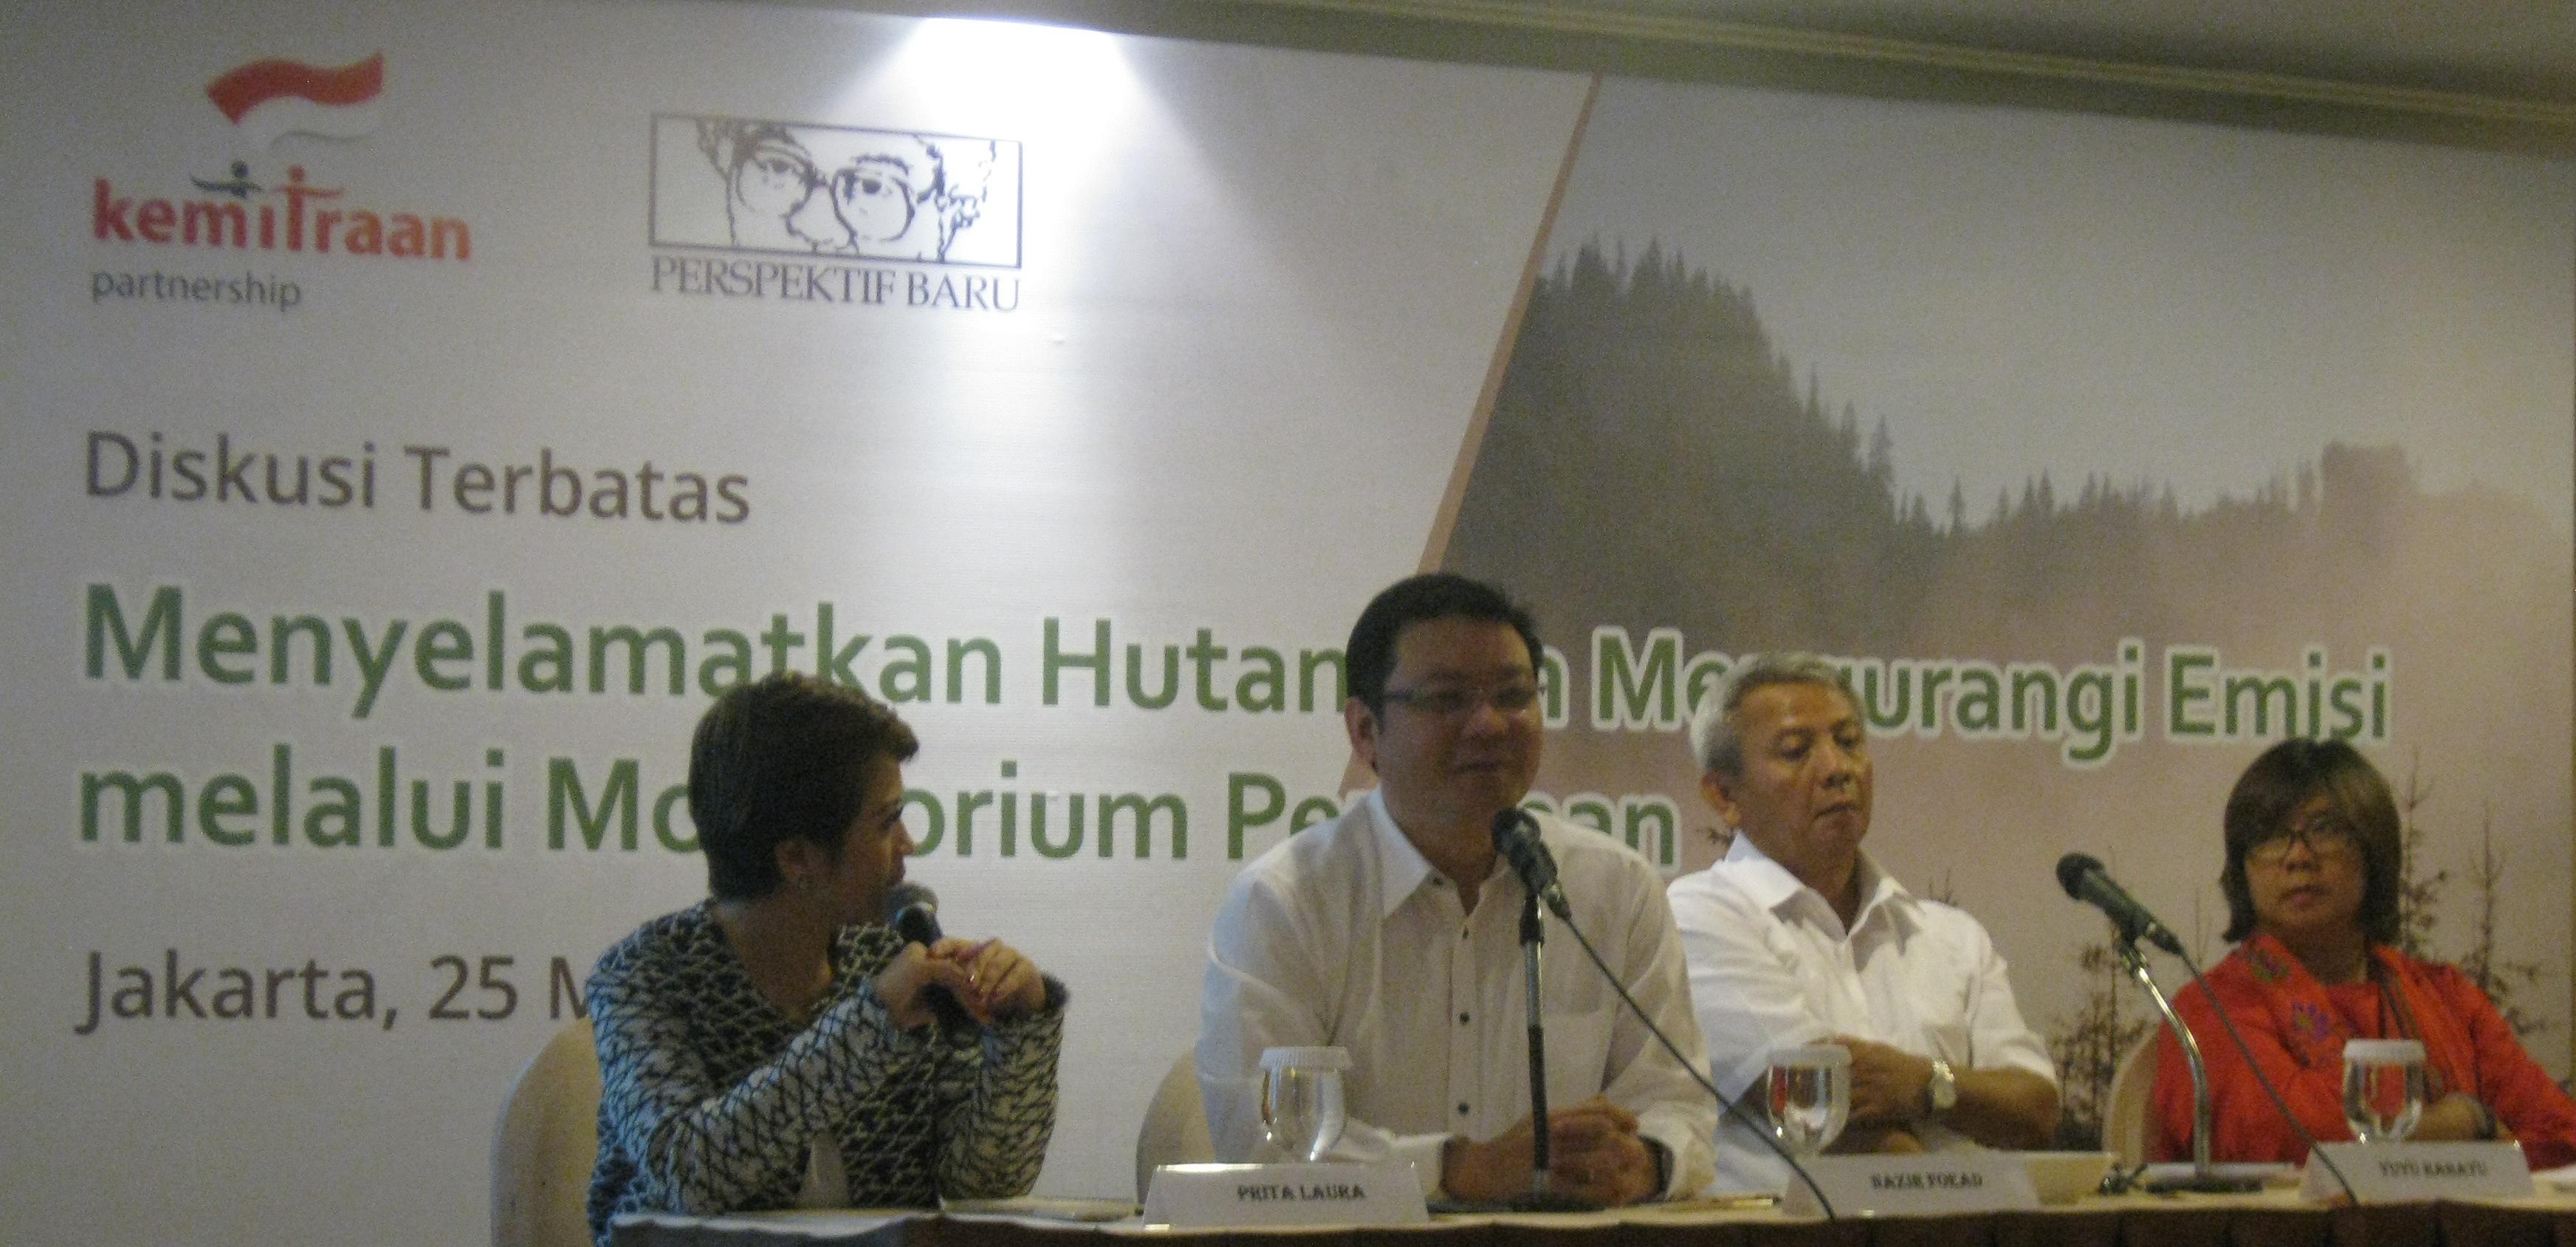 Menyelamatkan Hutan Indonesia